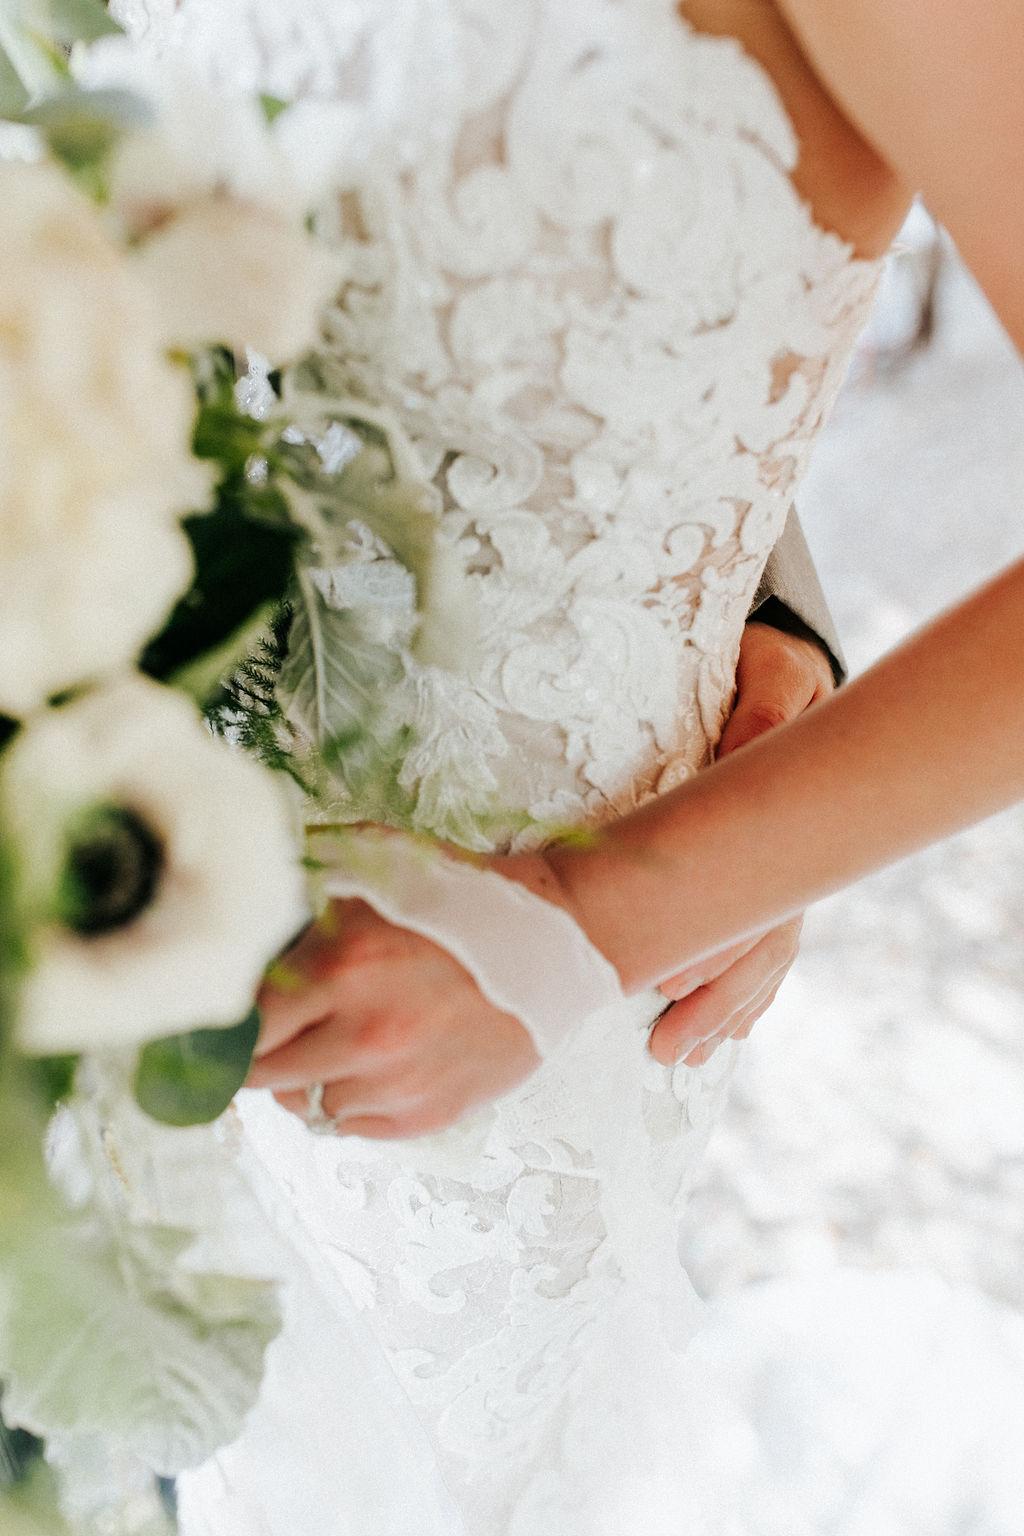 Epoch Co+ Destination wedding planner | First Look Photo Ideas with Groom | Rockin Star Ranch, Brenham Wedding Venue | Velvet + Wire Photography | Austin Wedding Planner | Wedding Dress Detail